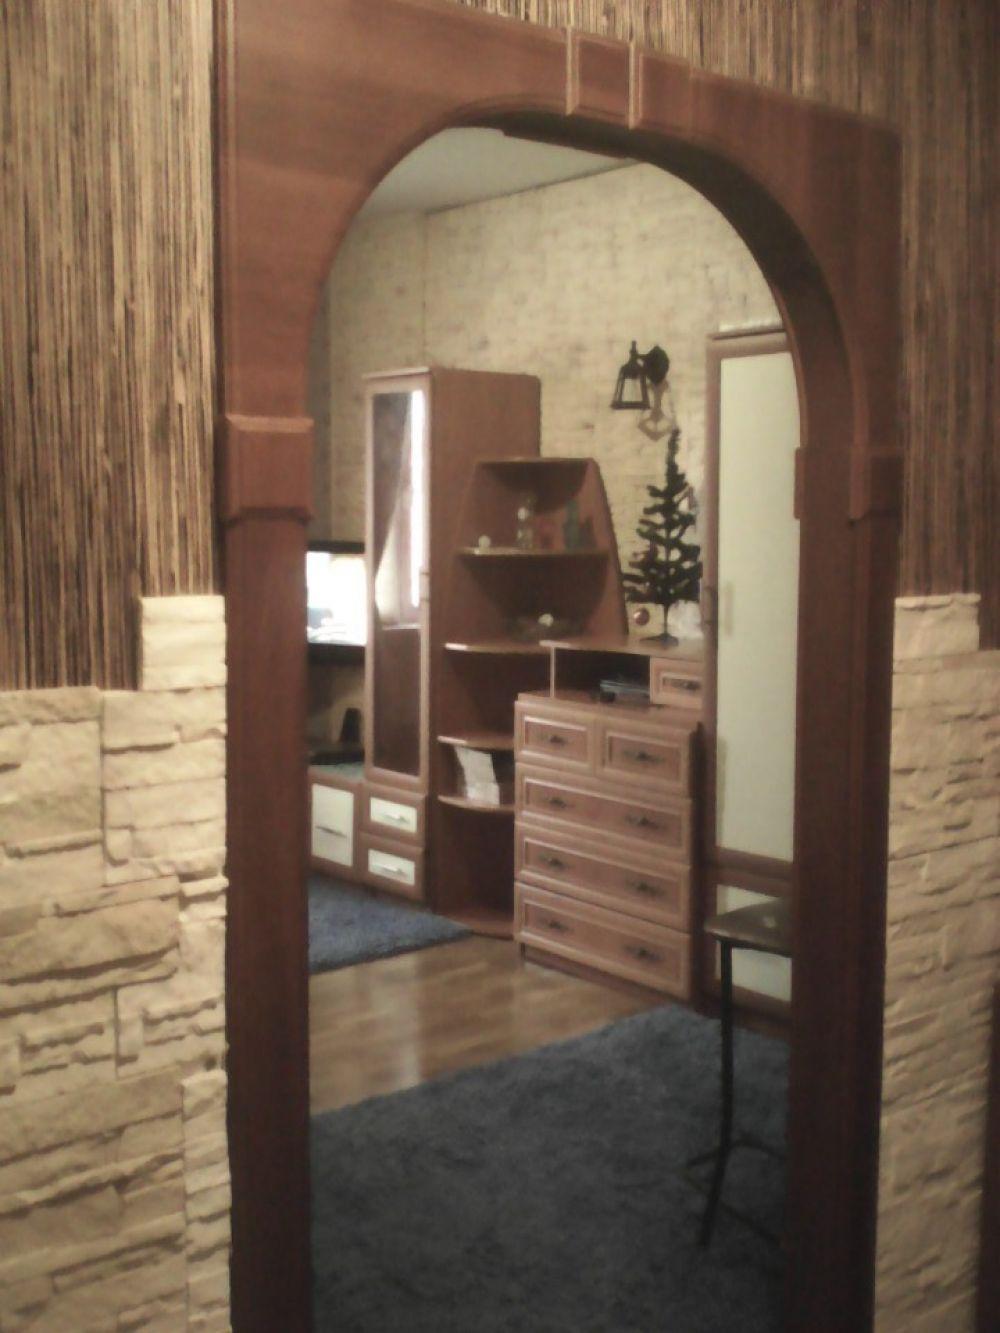 Однокомнатная квартира  37 м2, Богородский мкр дом 7 г. Щелково, фото 4